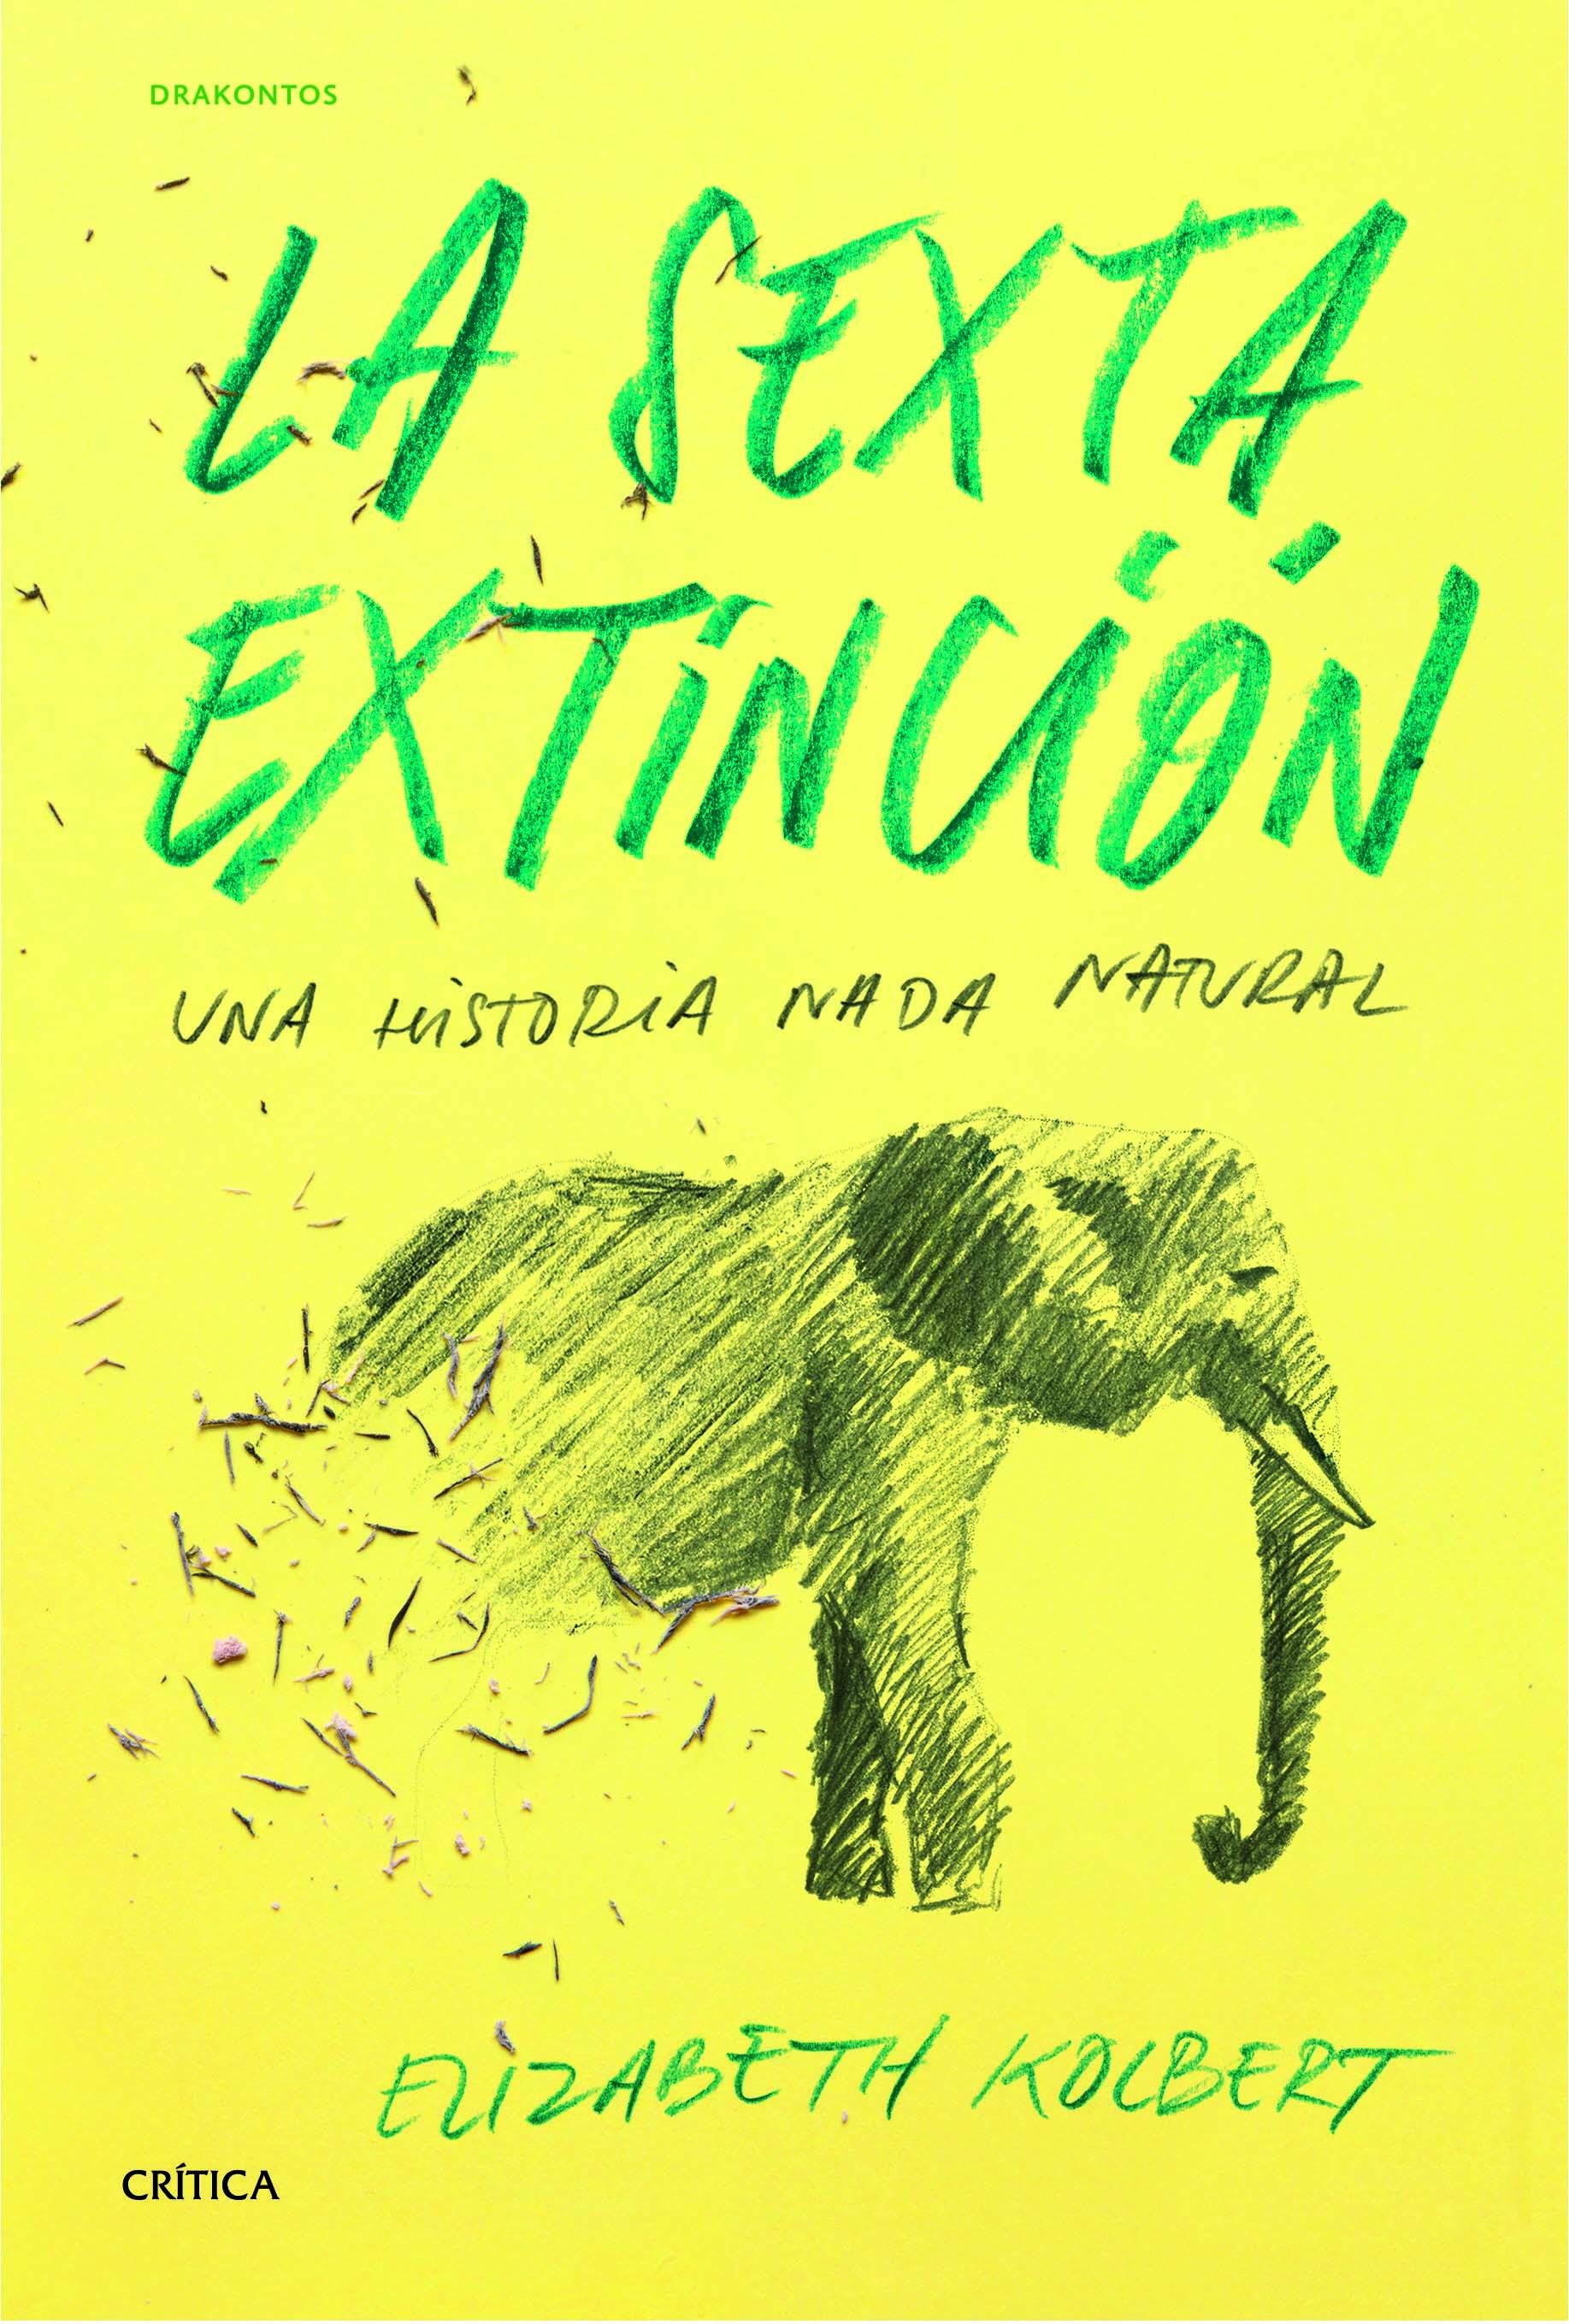 La_sexta_extincion_elizabeth_kolbert